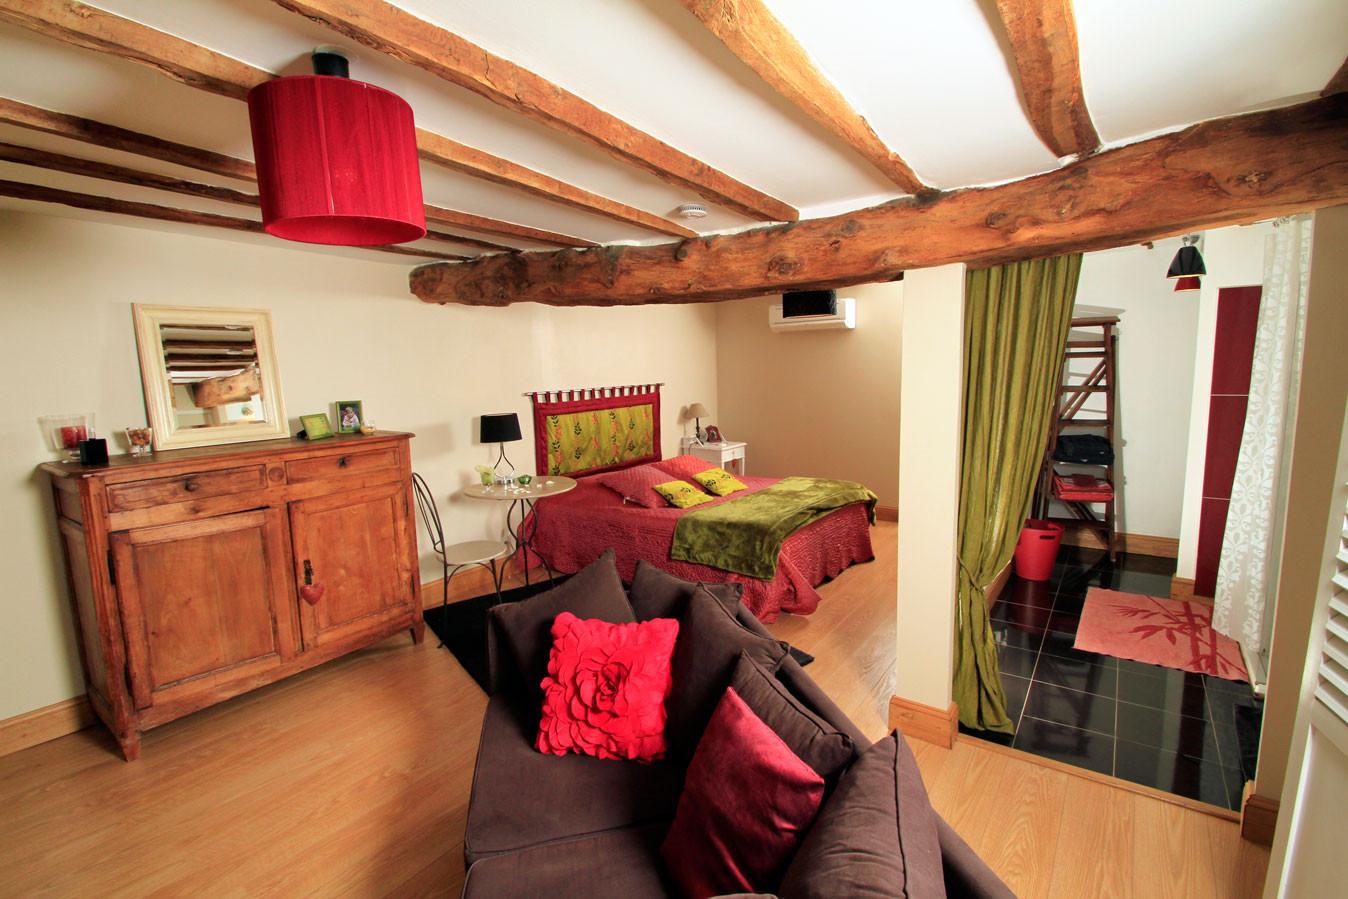 Maison-hôtes-Chambre-Mathilde-rez-de-chaussee-acces-facile